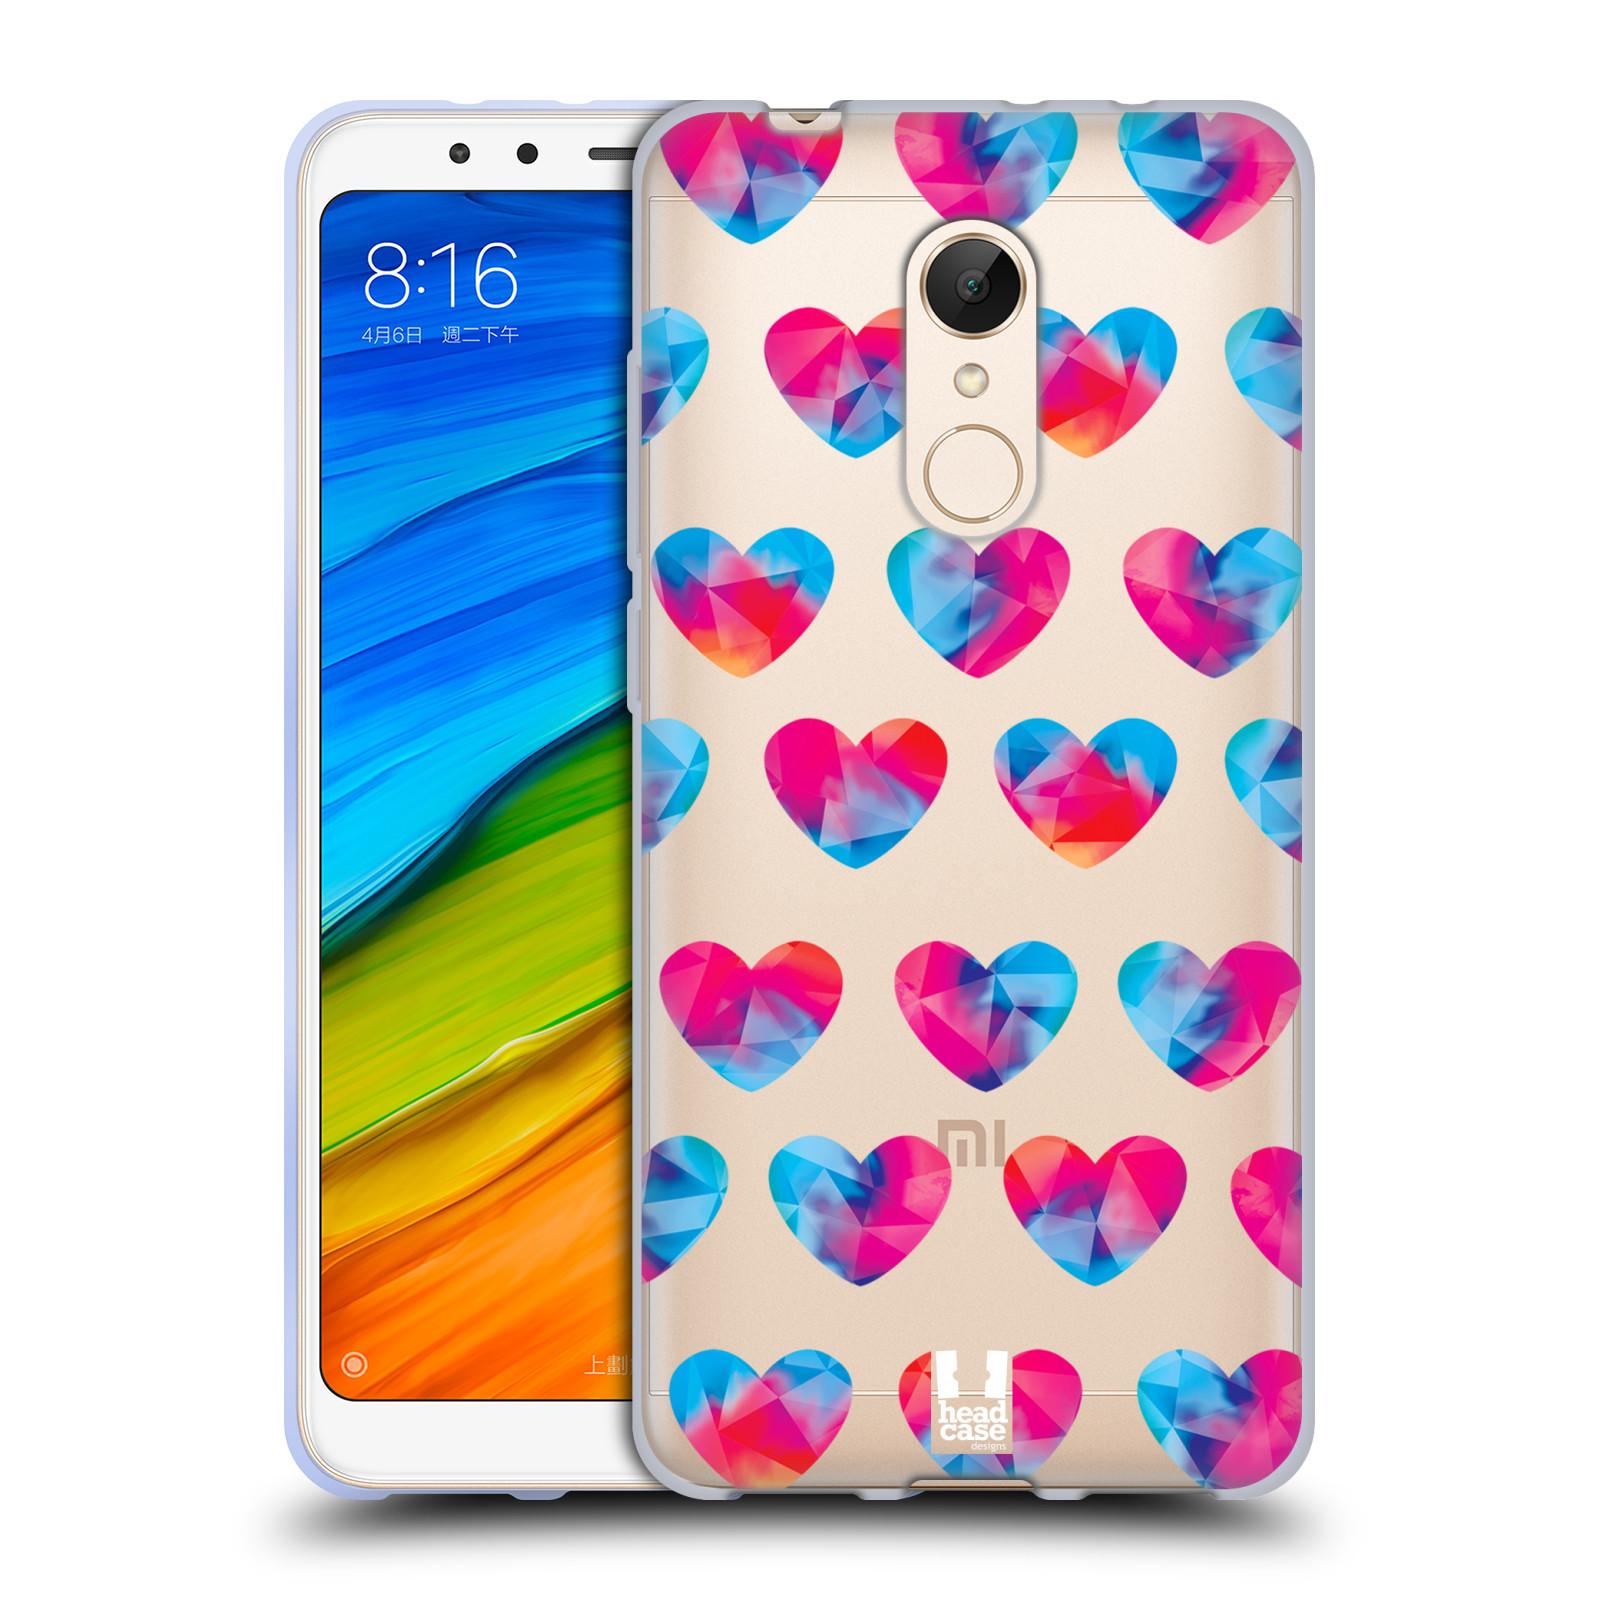 Silikonové pouzdro na mobil Xiaomi Redmi 5 - Head Case - Srdíčka hrající barvami